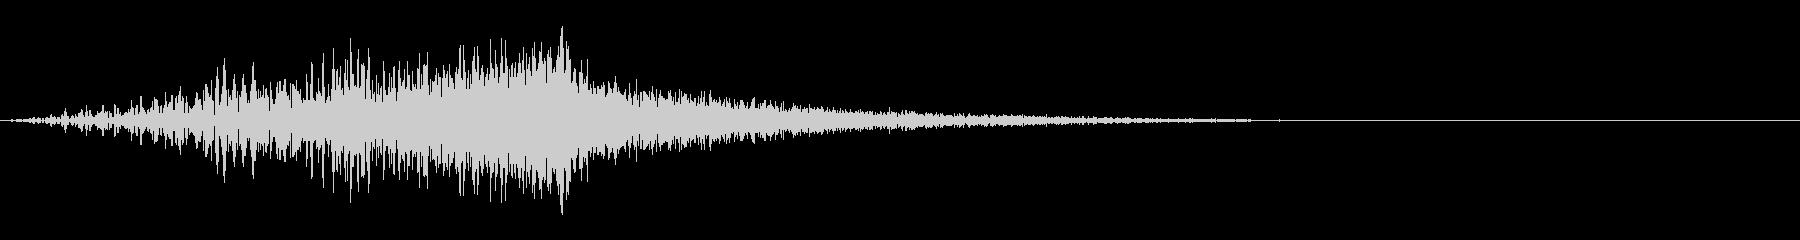 シューッという音EC07_91_1 2の未再生の波形